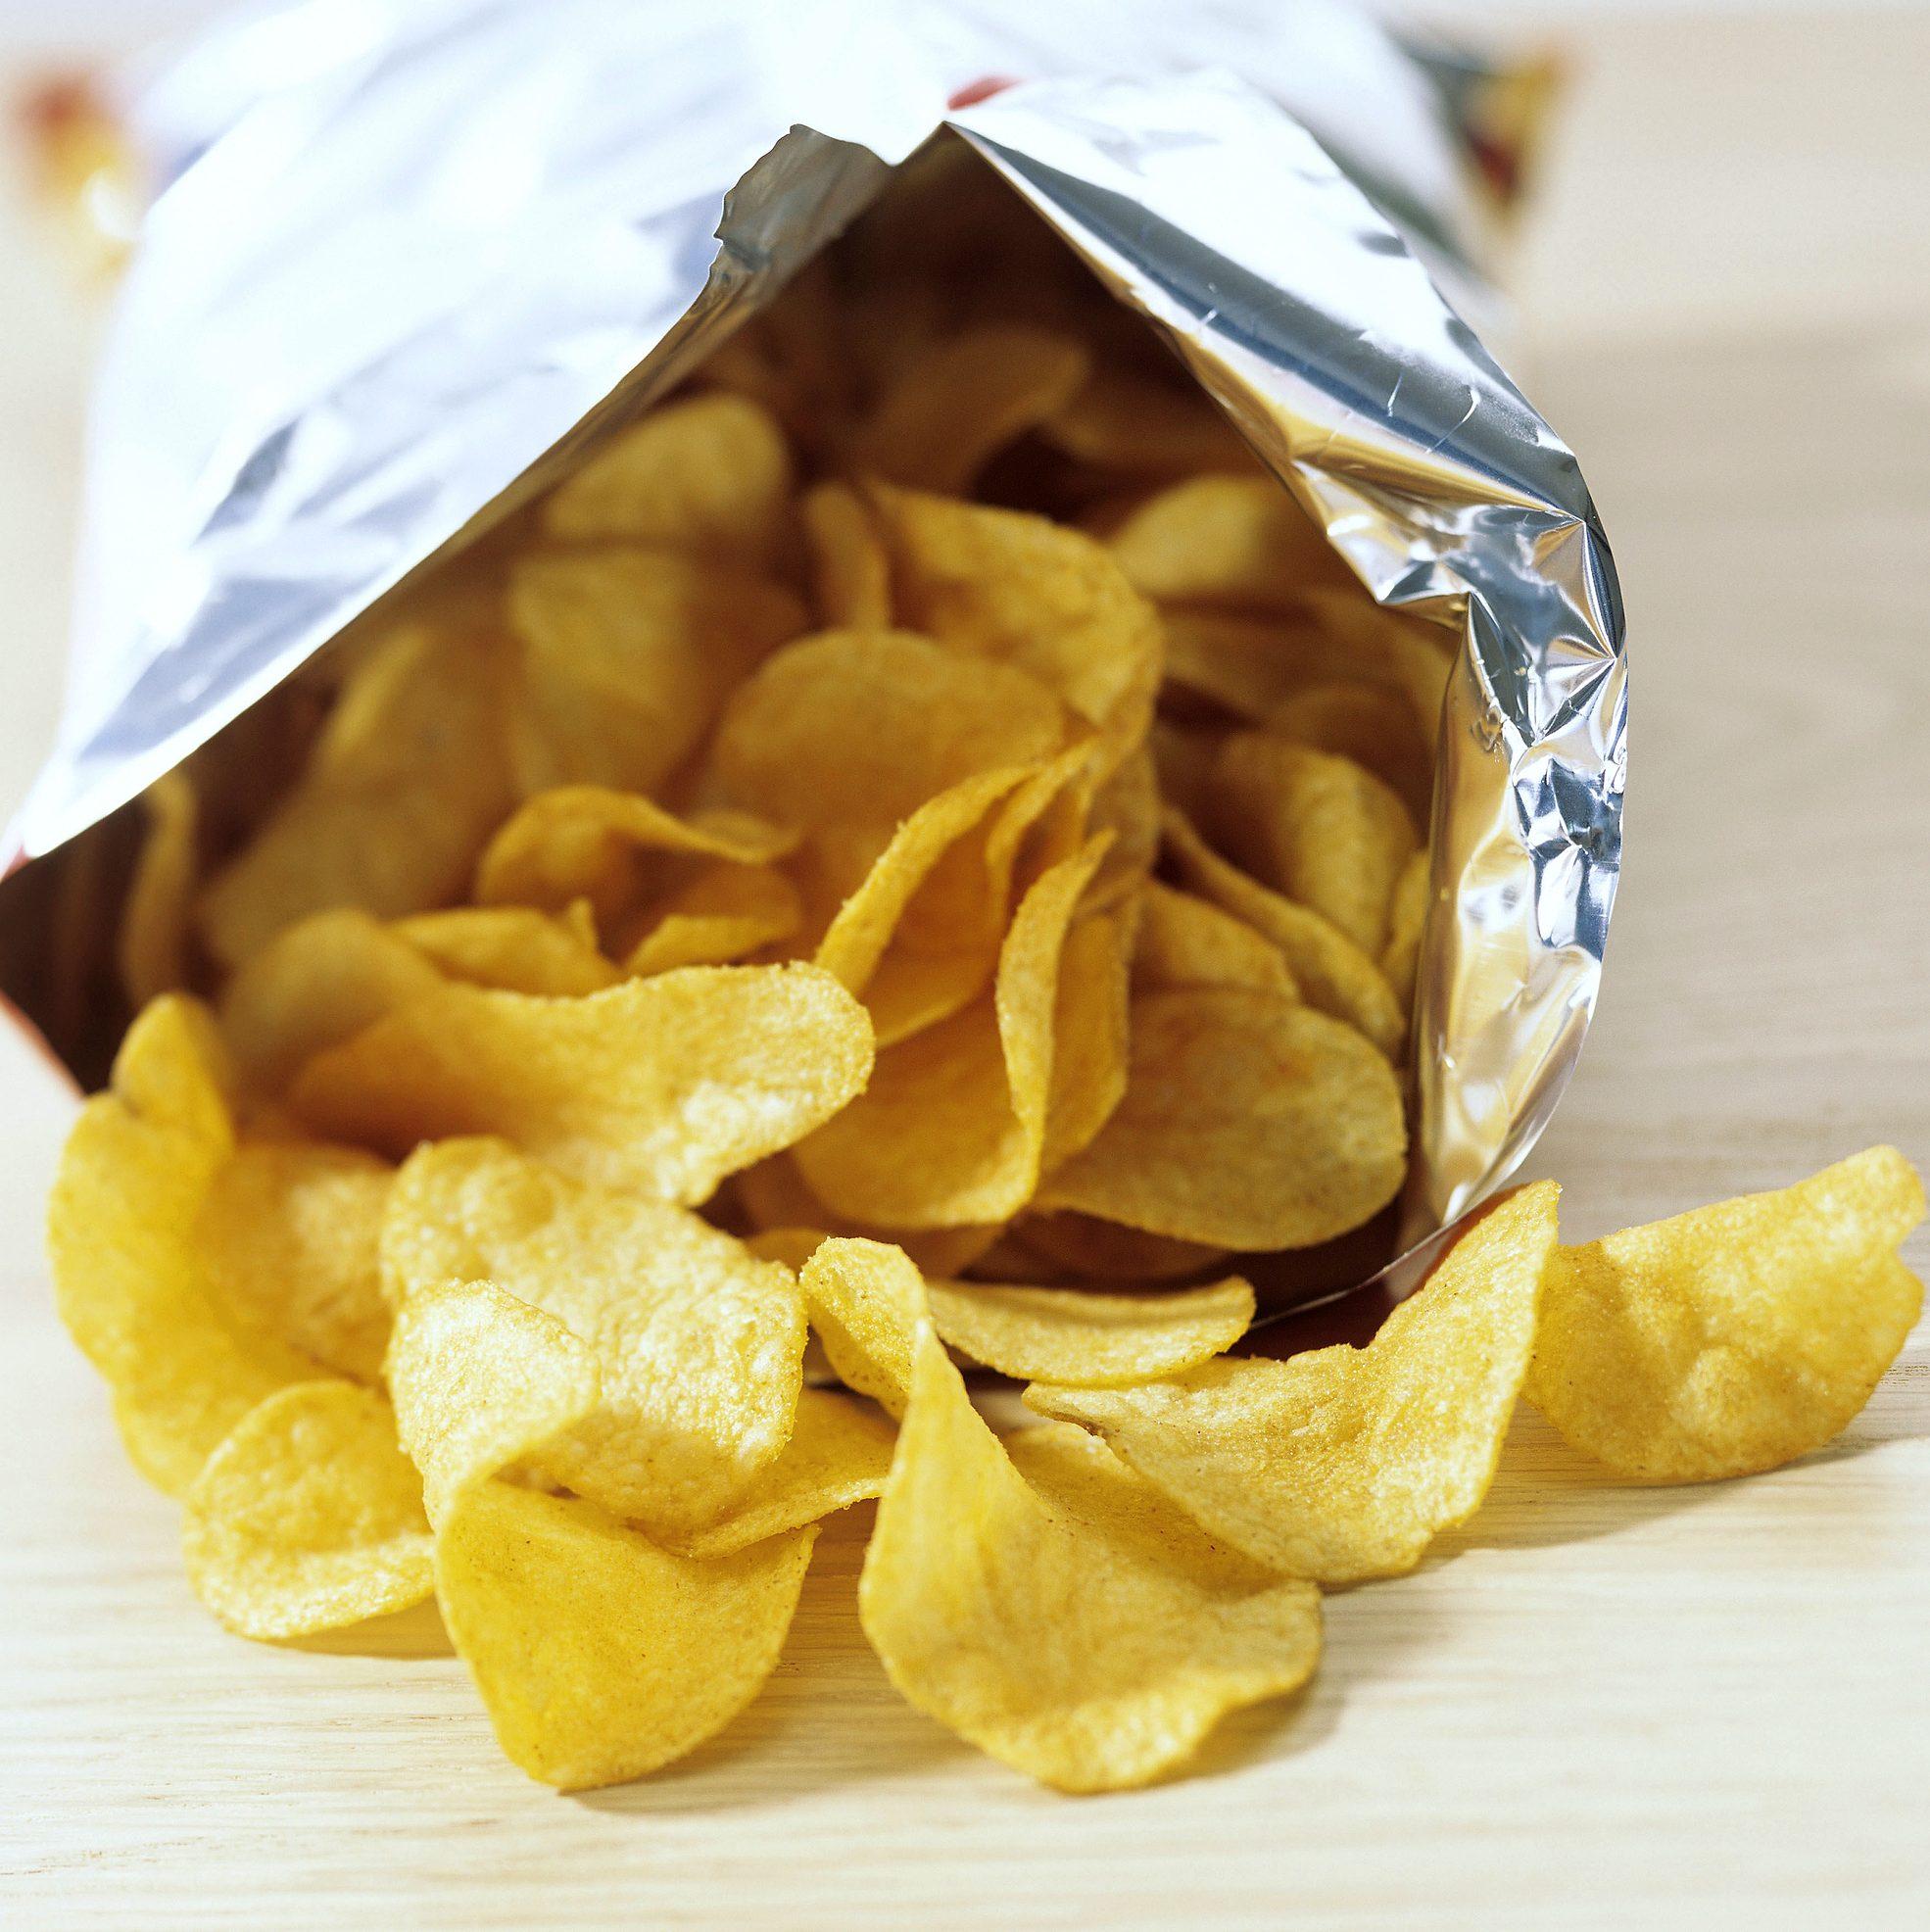 Bag of potato crisps snacks chips junk food